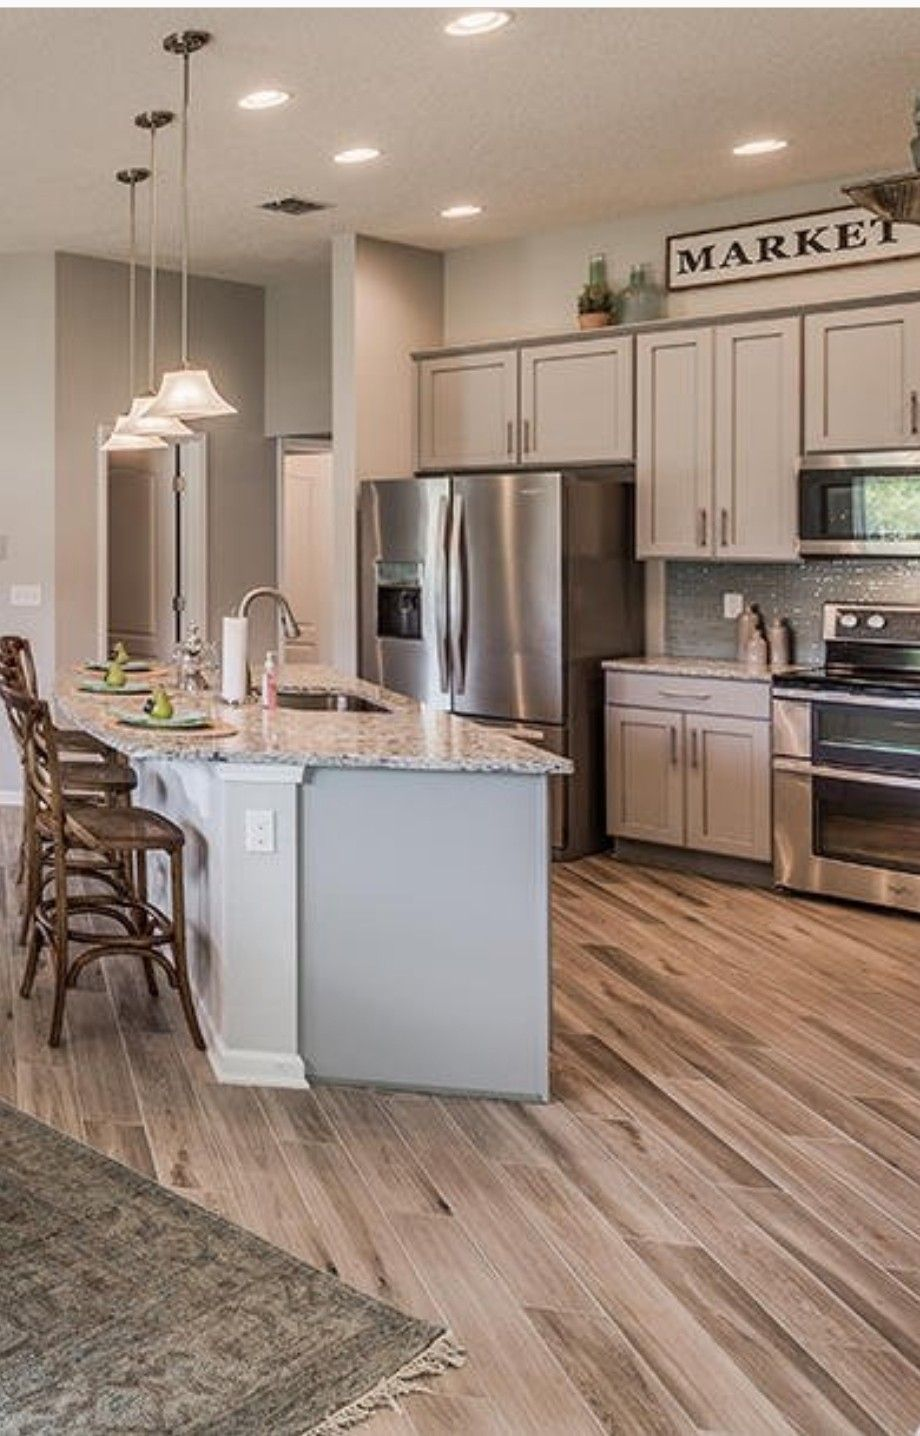 Norwood Oak Tile White Ice Granite Dr Horton Home Horton Homes Dr Horton Homes Kitchen Cabinets Height